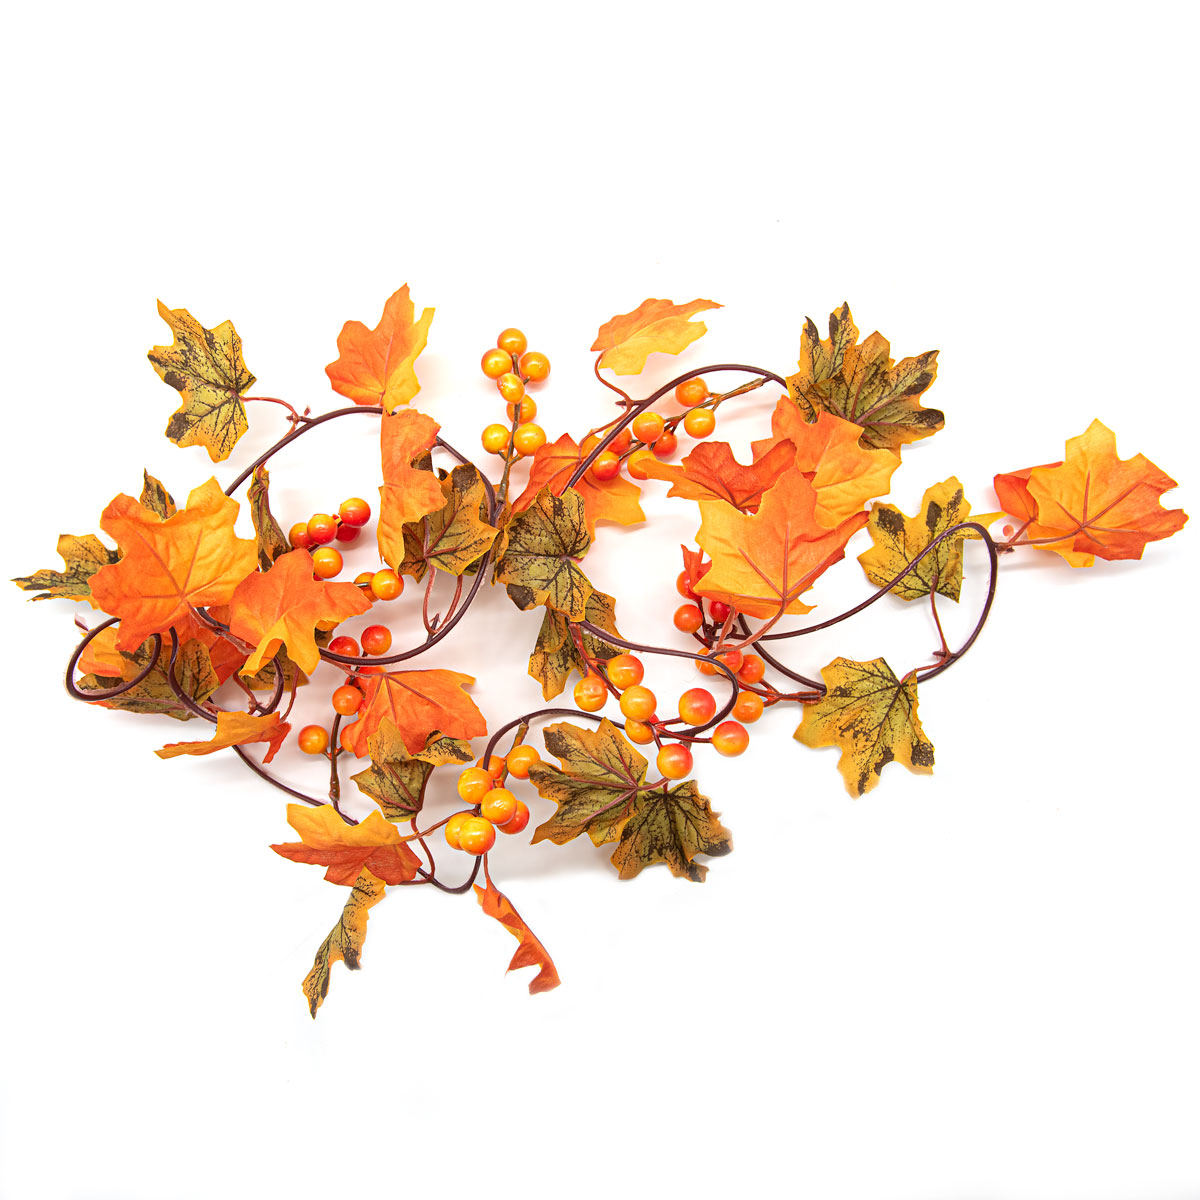 XY19 1136 Гирлянда из кленовых листьев, 190см